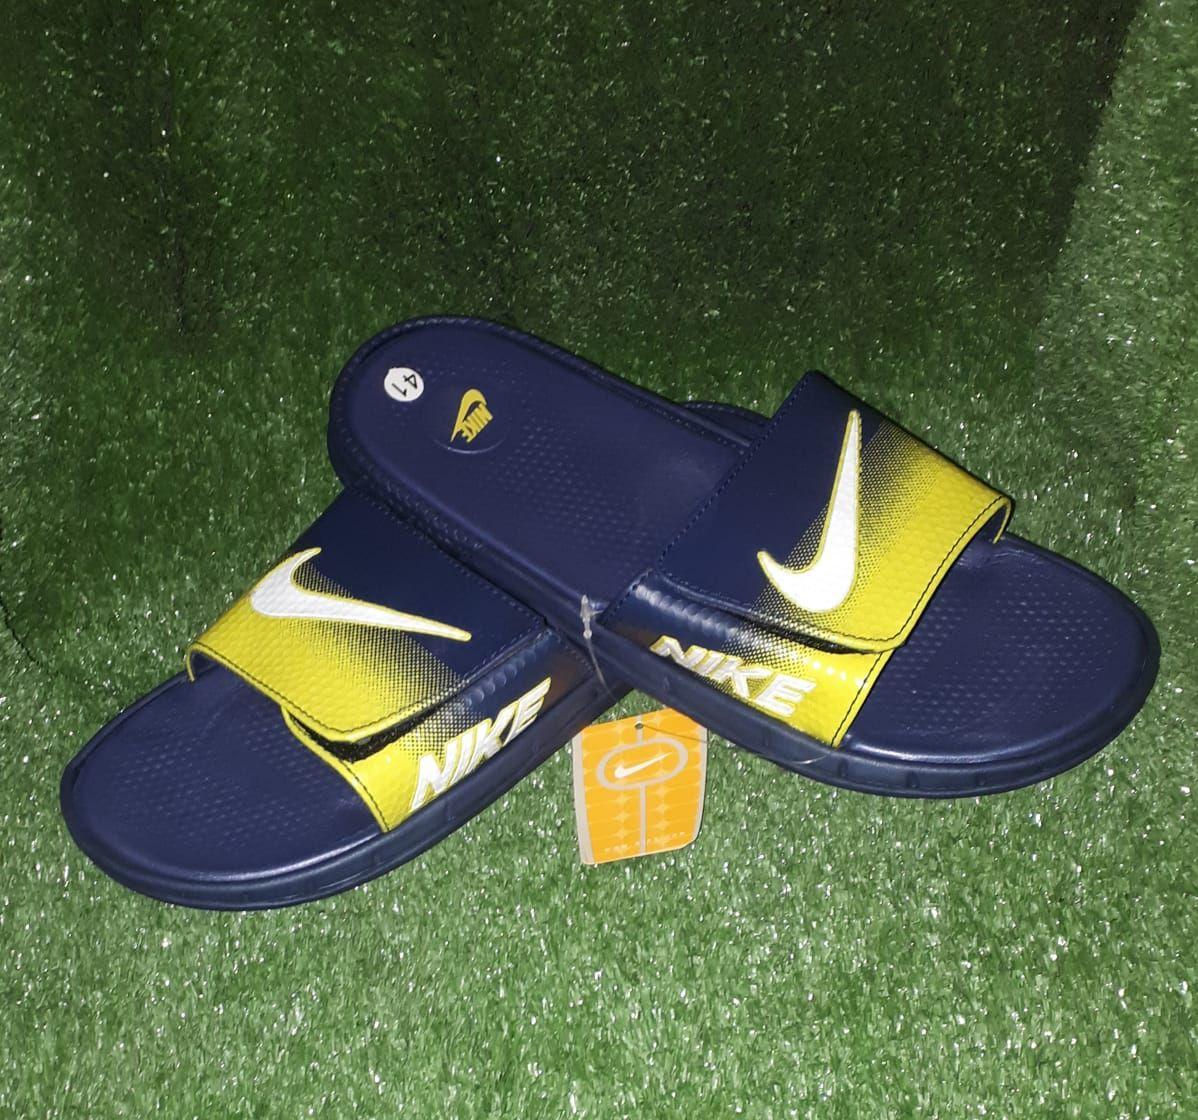 Buy Nike Black And Yellow Slipper